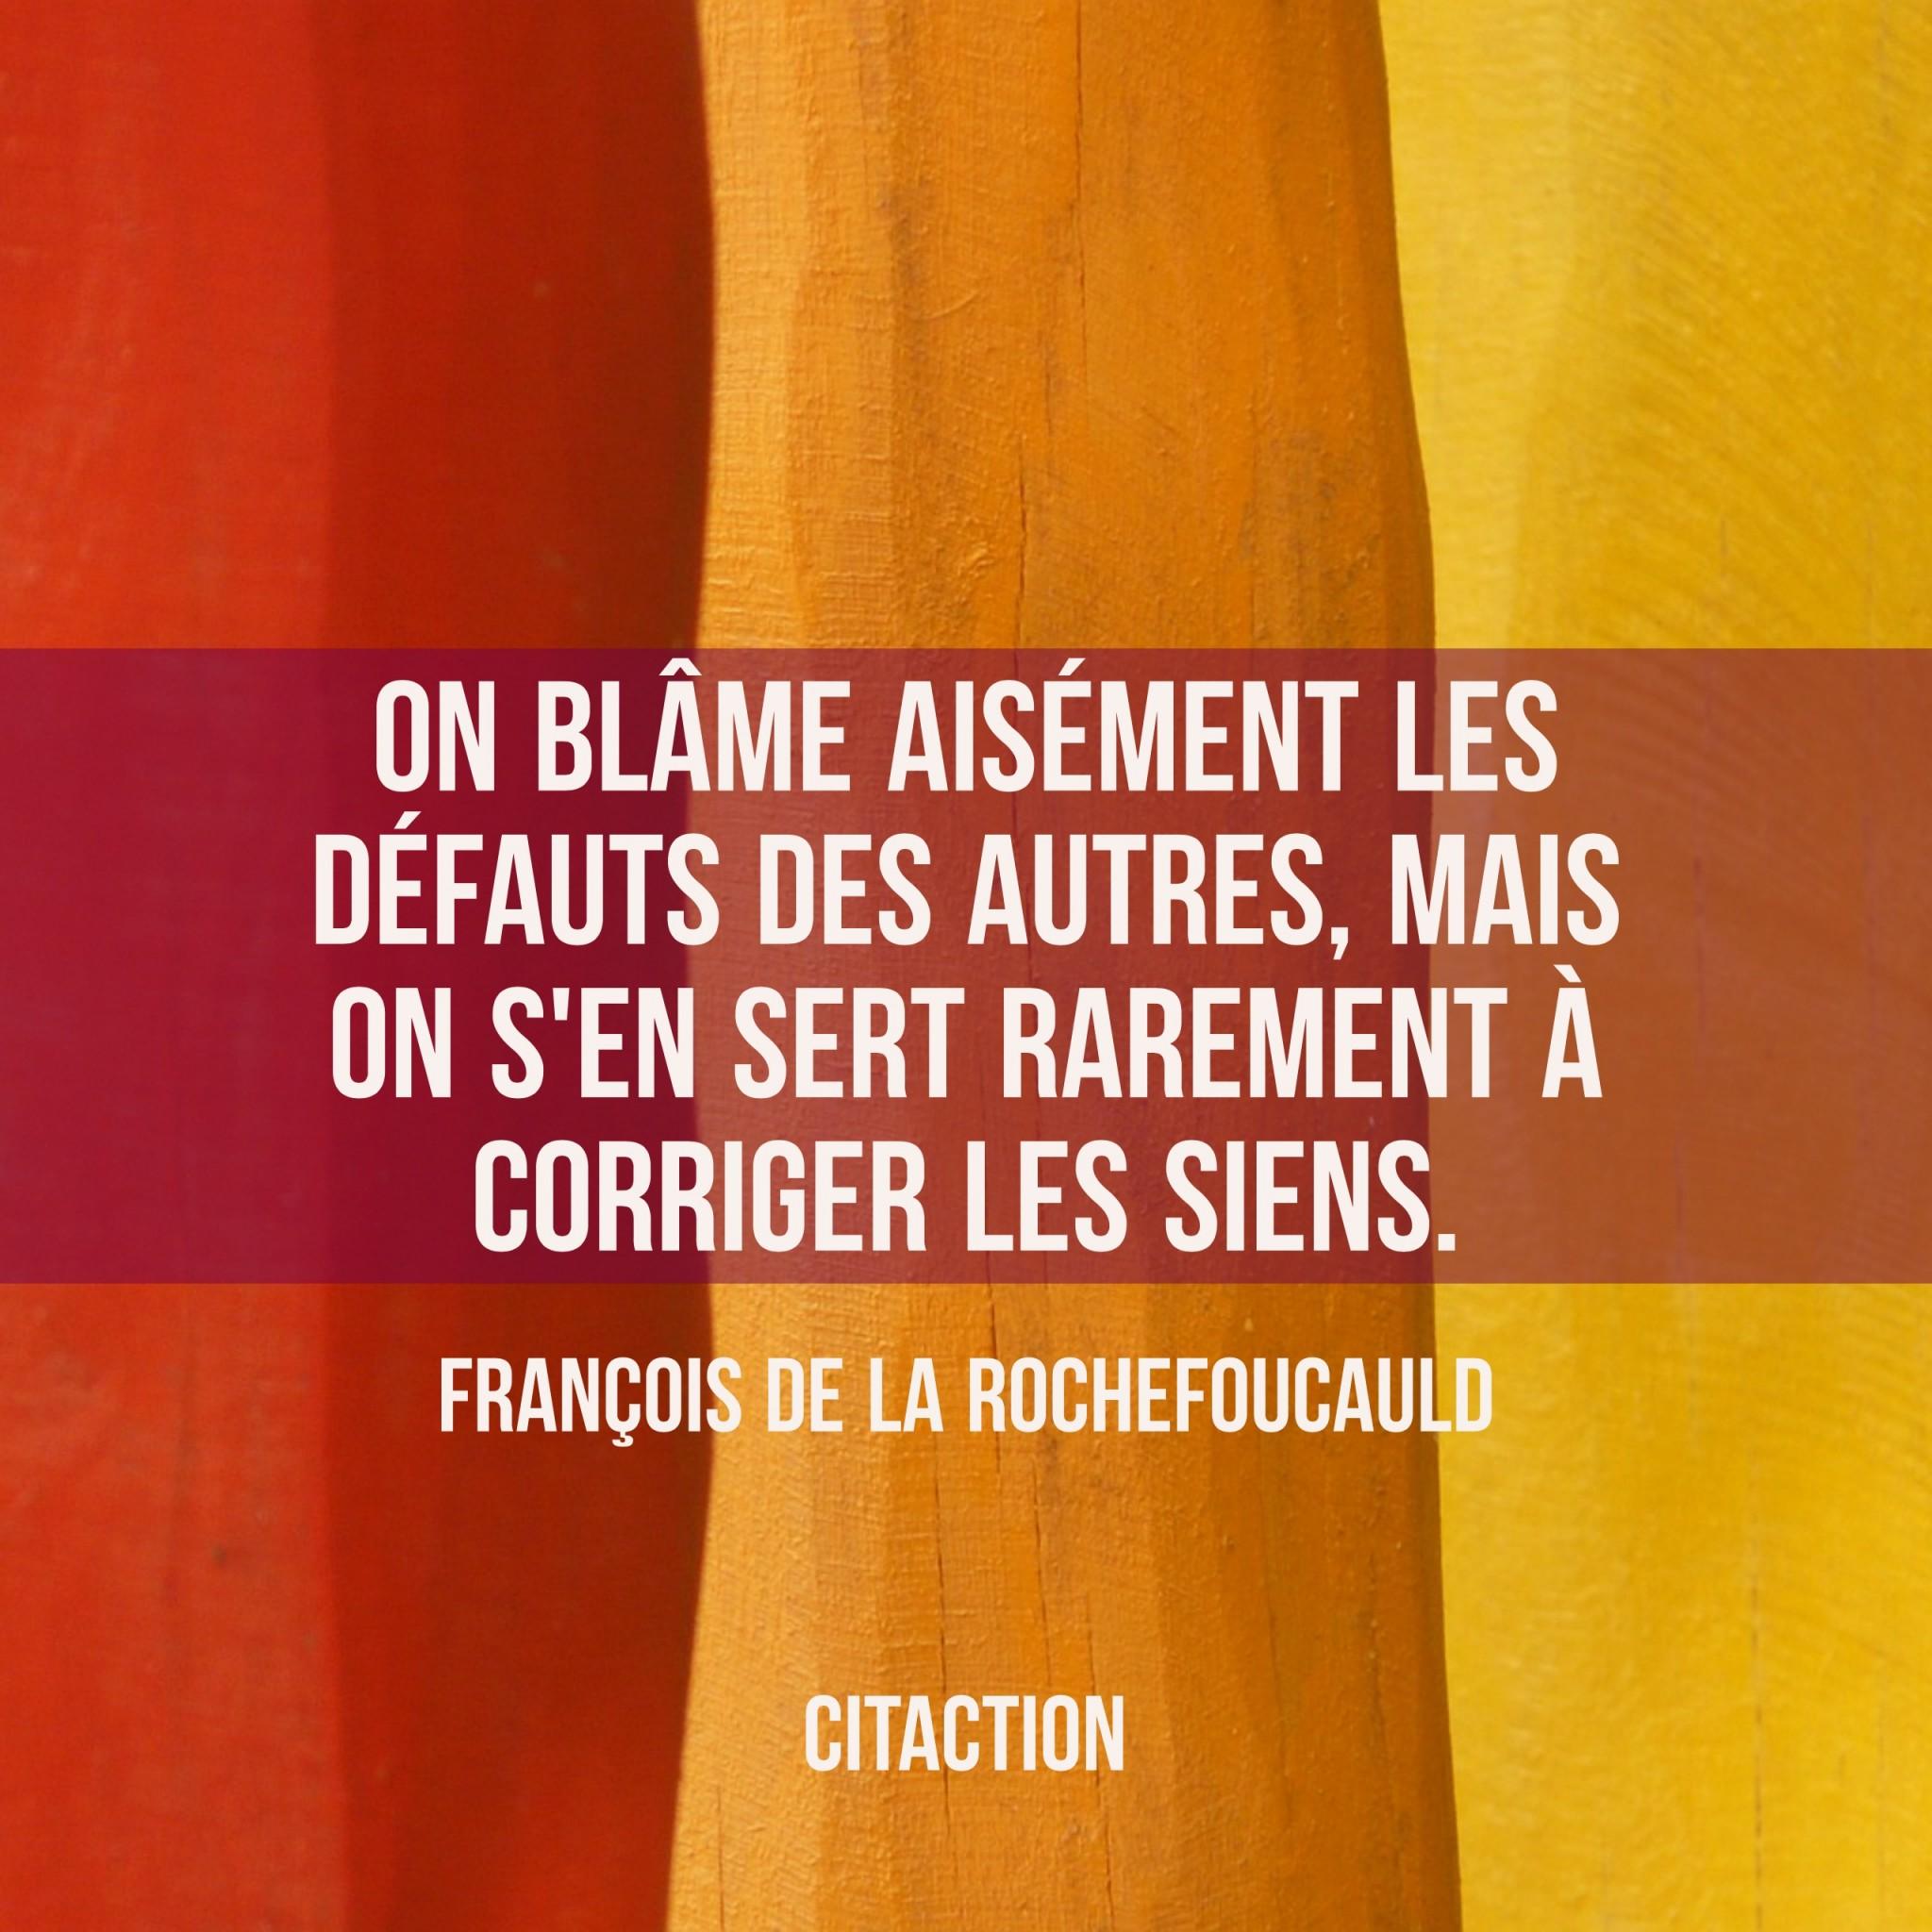 On blâme aisément les défauts des autres, mais on s'en sert rarement à corriger les siens.